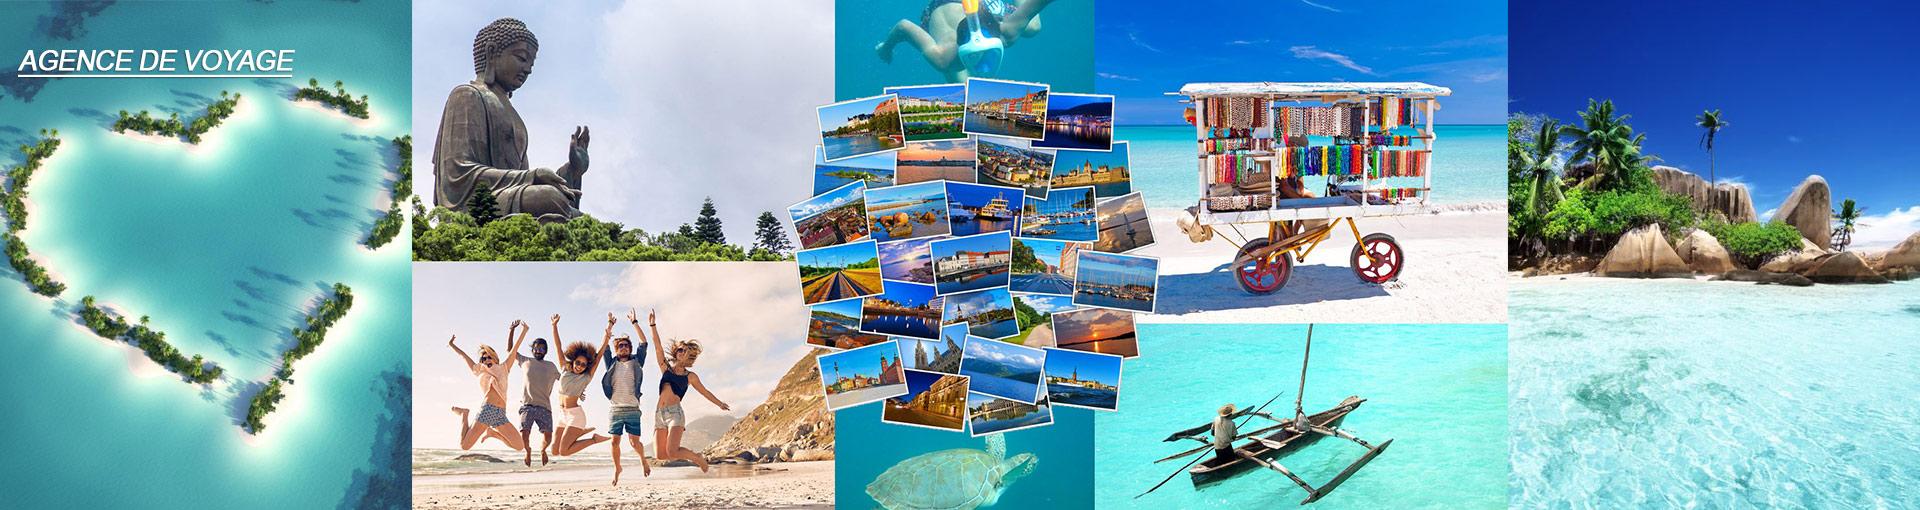 Guide voyage : besoin de vous renseigner sur un pays ?